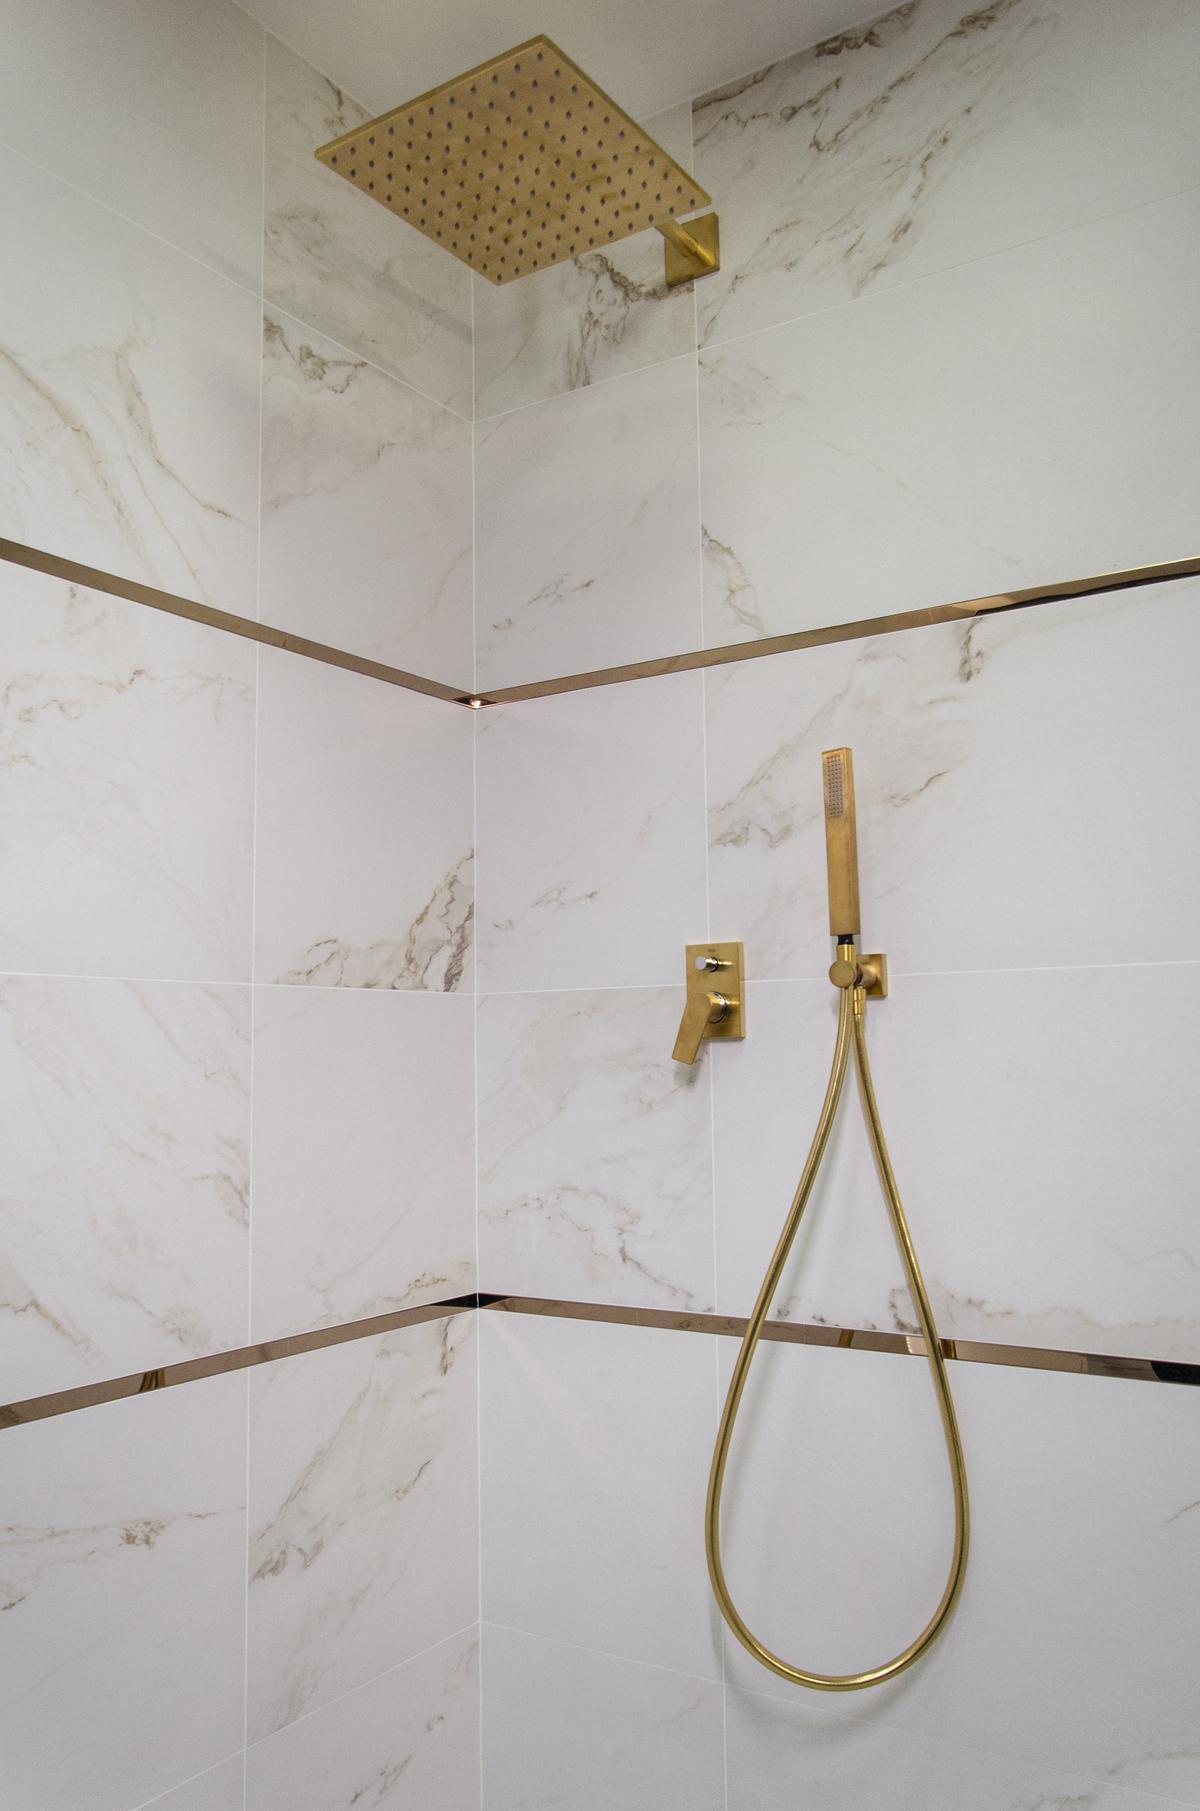 Kabina prysznicowa w marmurze i złocie - zdjęcie od BLU salon łazienek Białystok